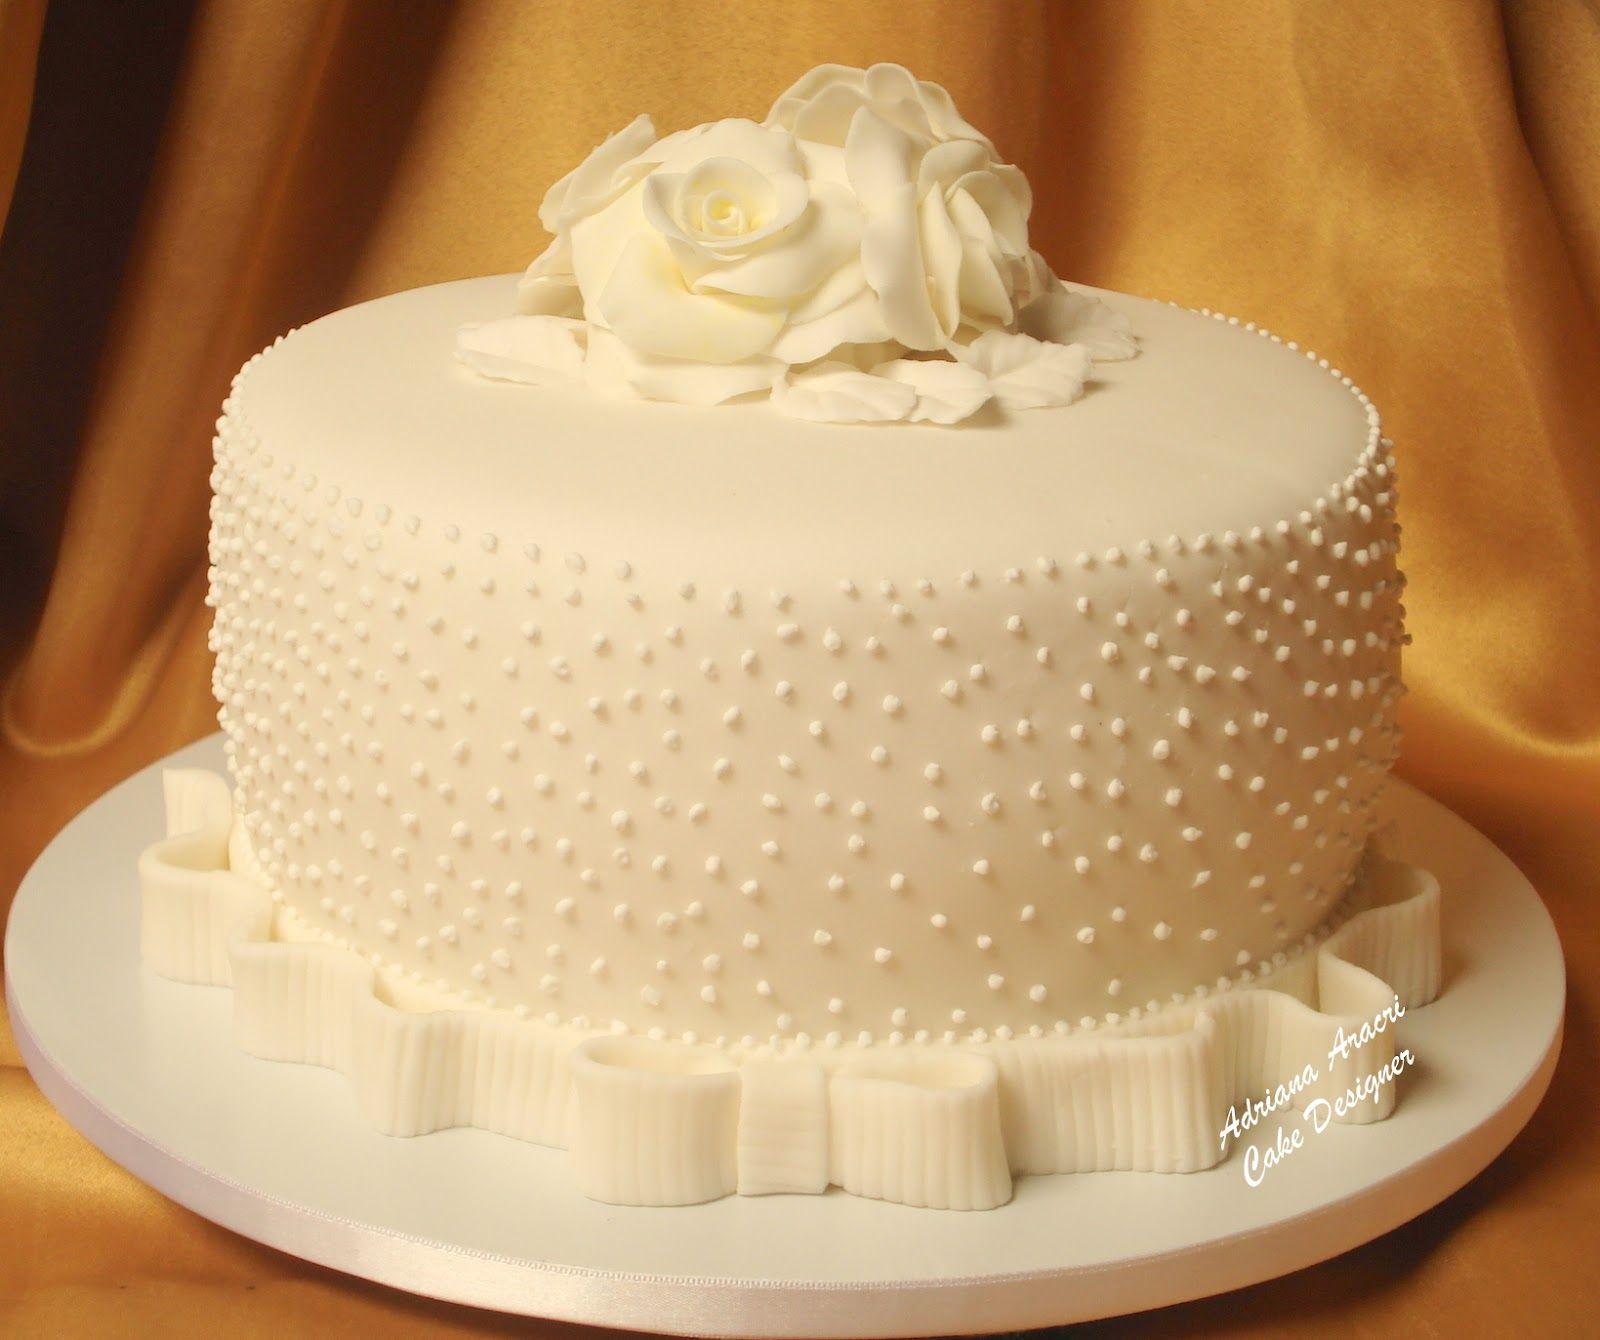 Detalhe da imagem de bolo de casamento bolo de